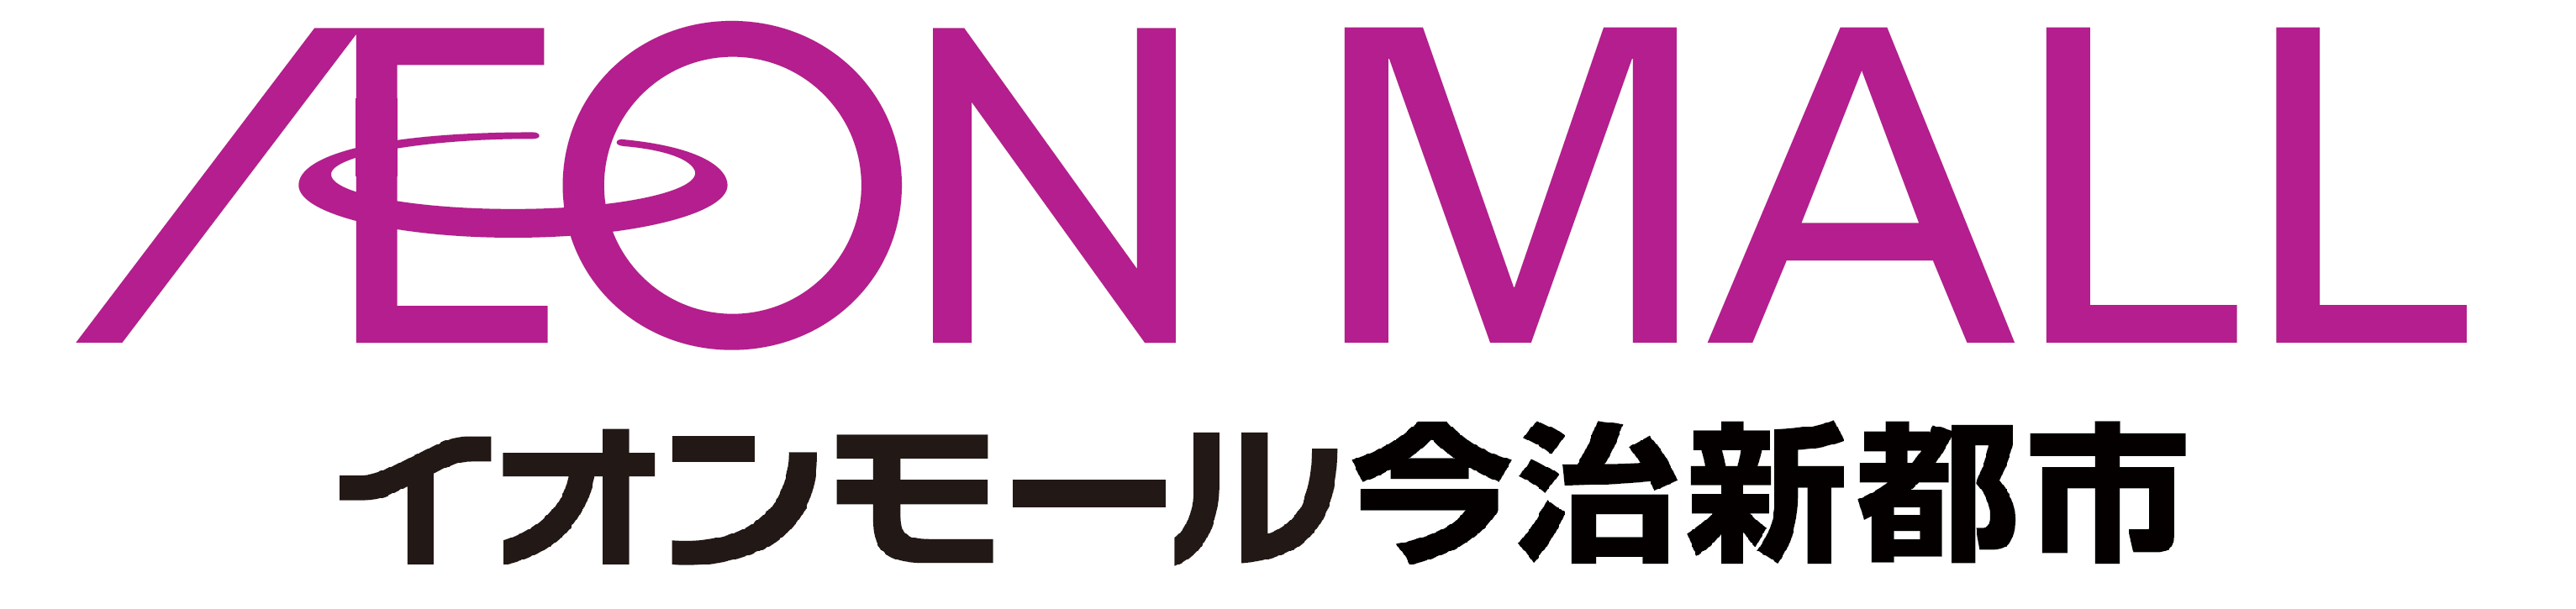 イオンモール今治新都市ロゴ.png